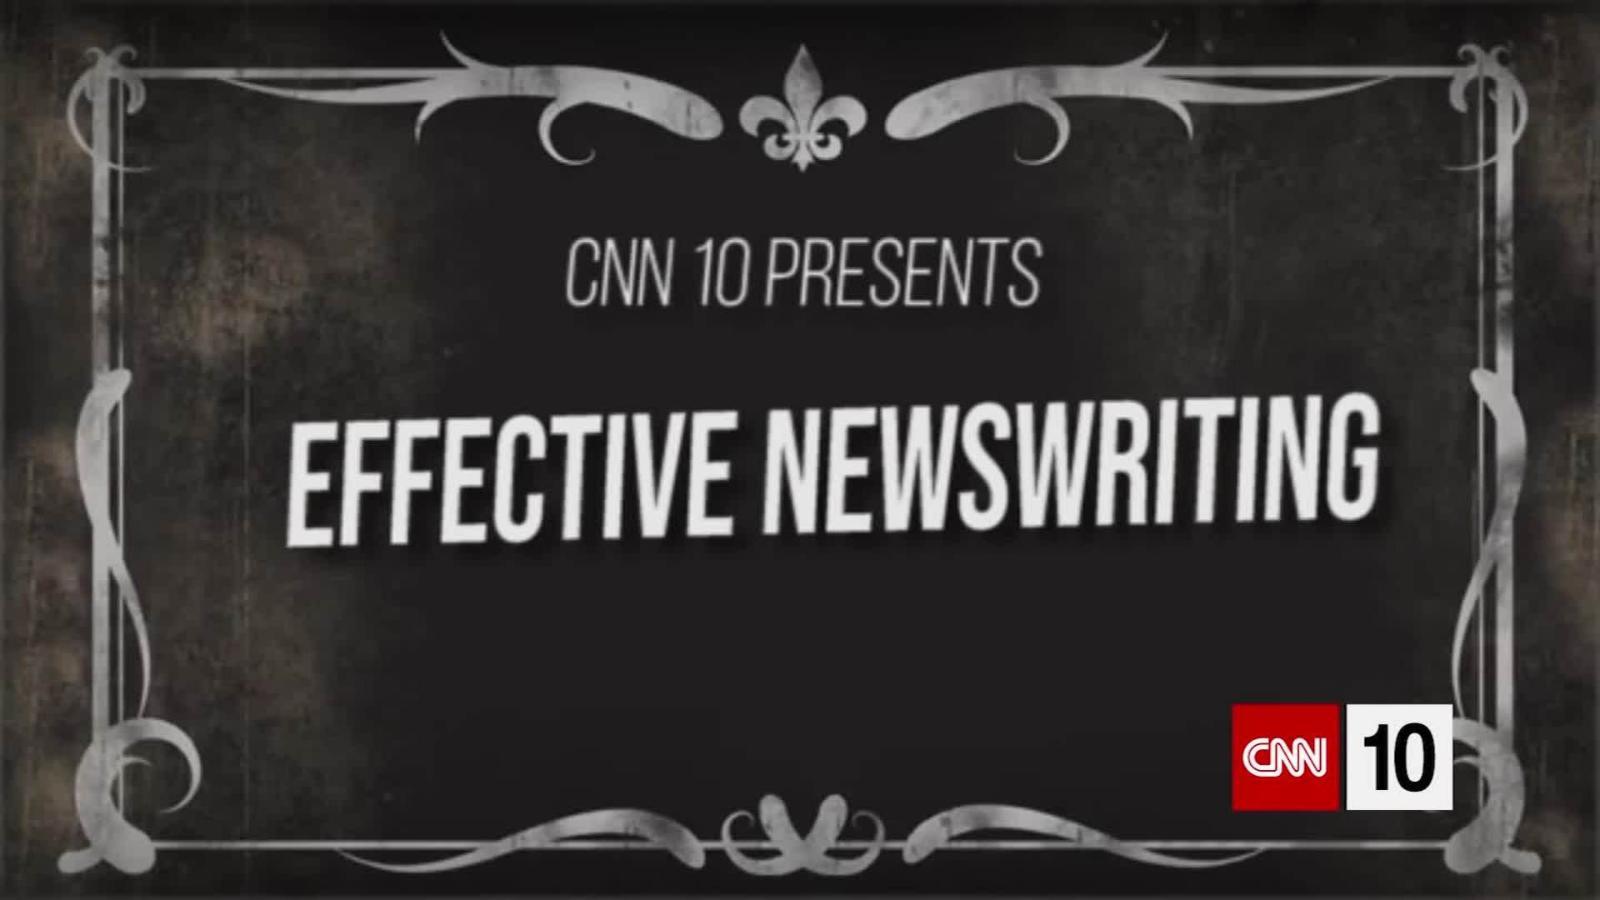 hight resolution of CNN 10 - CNN